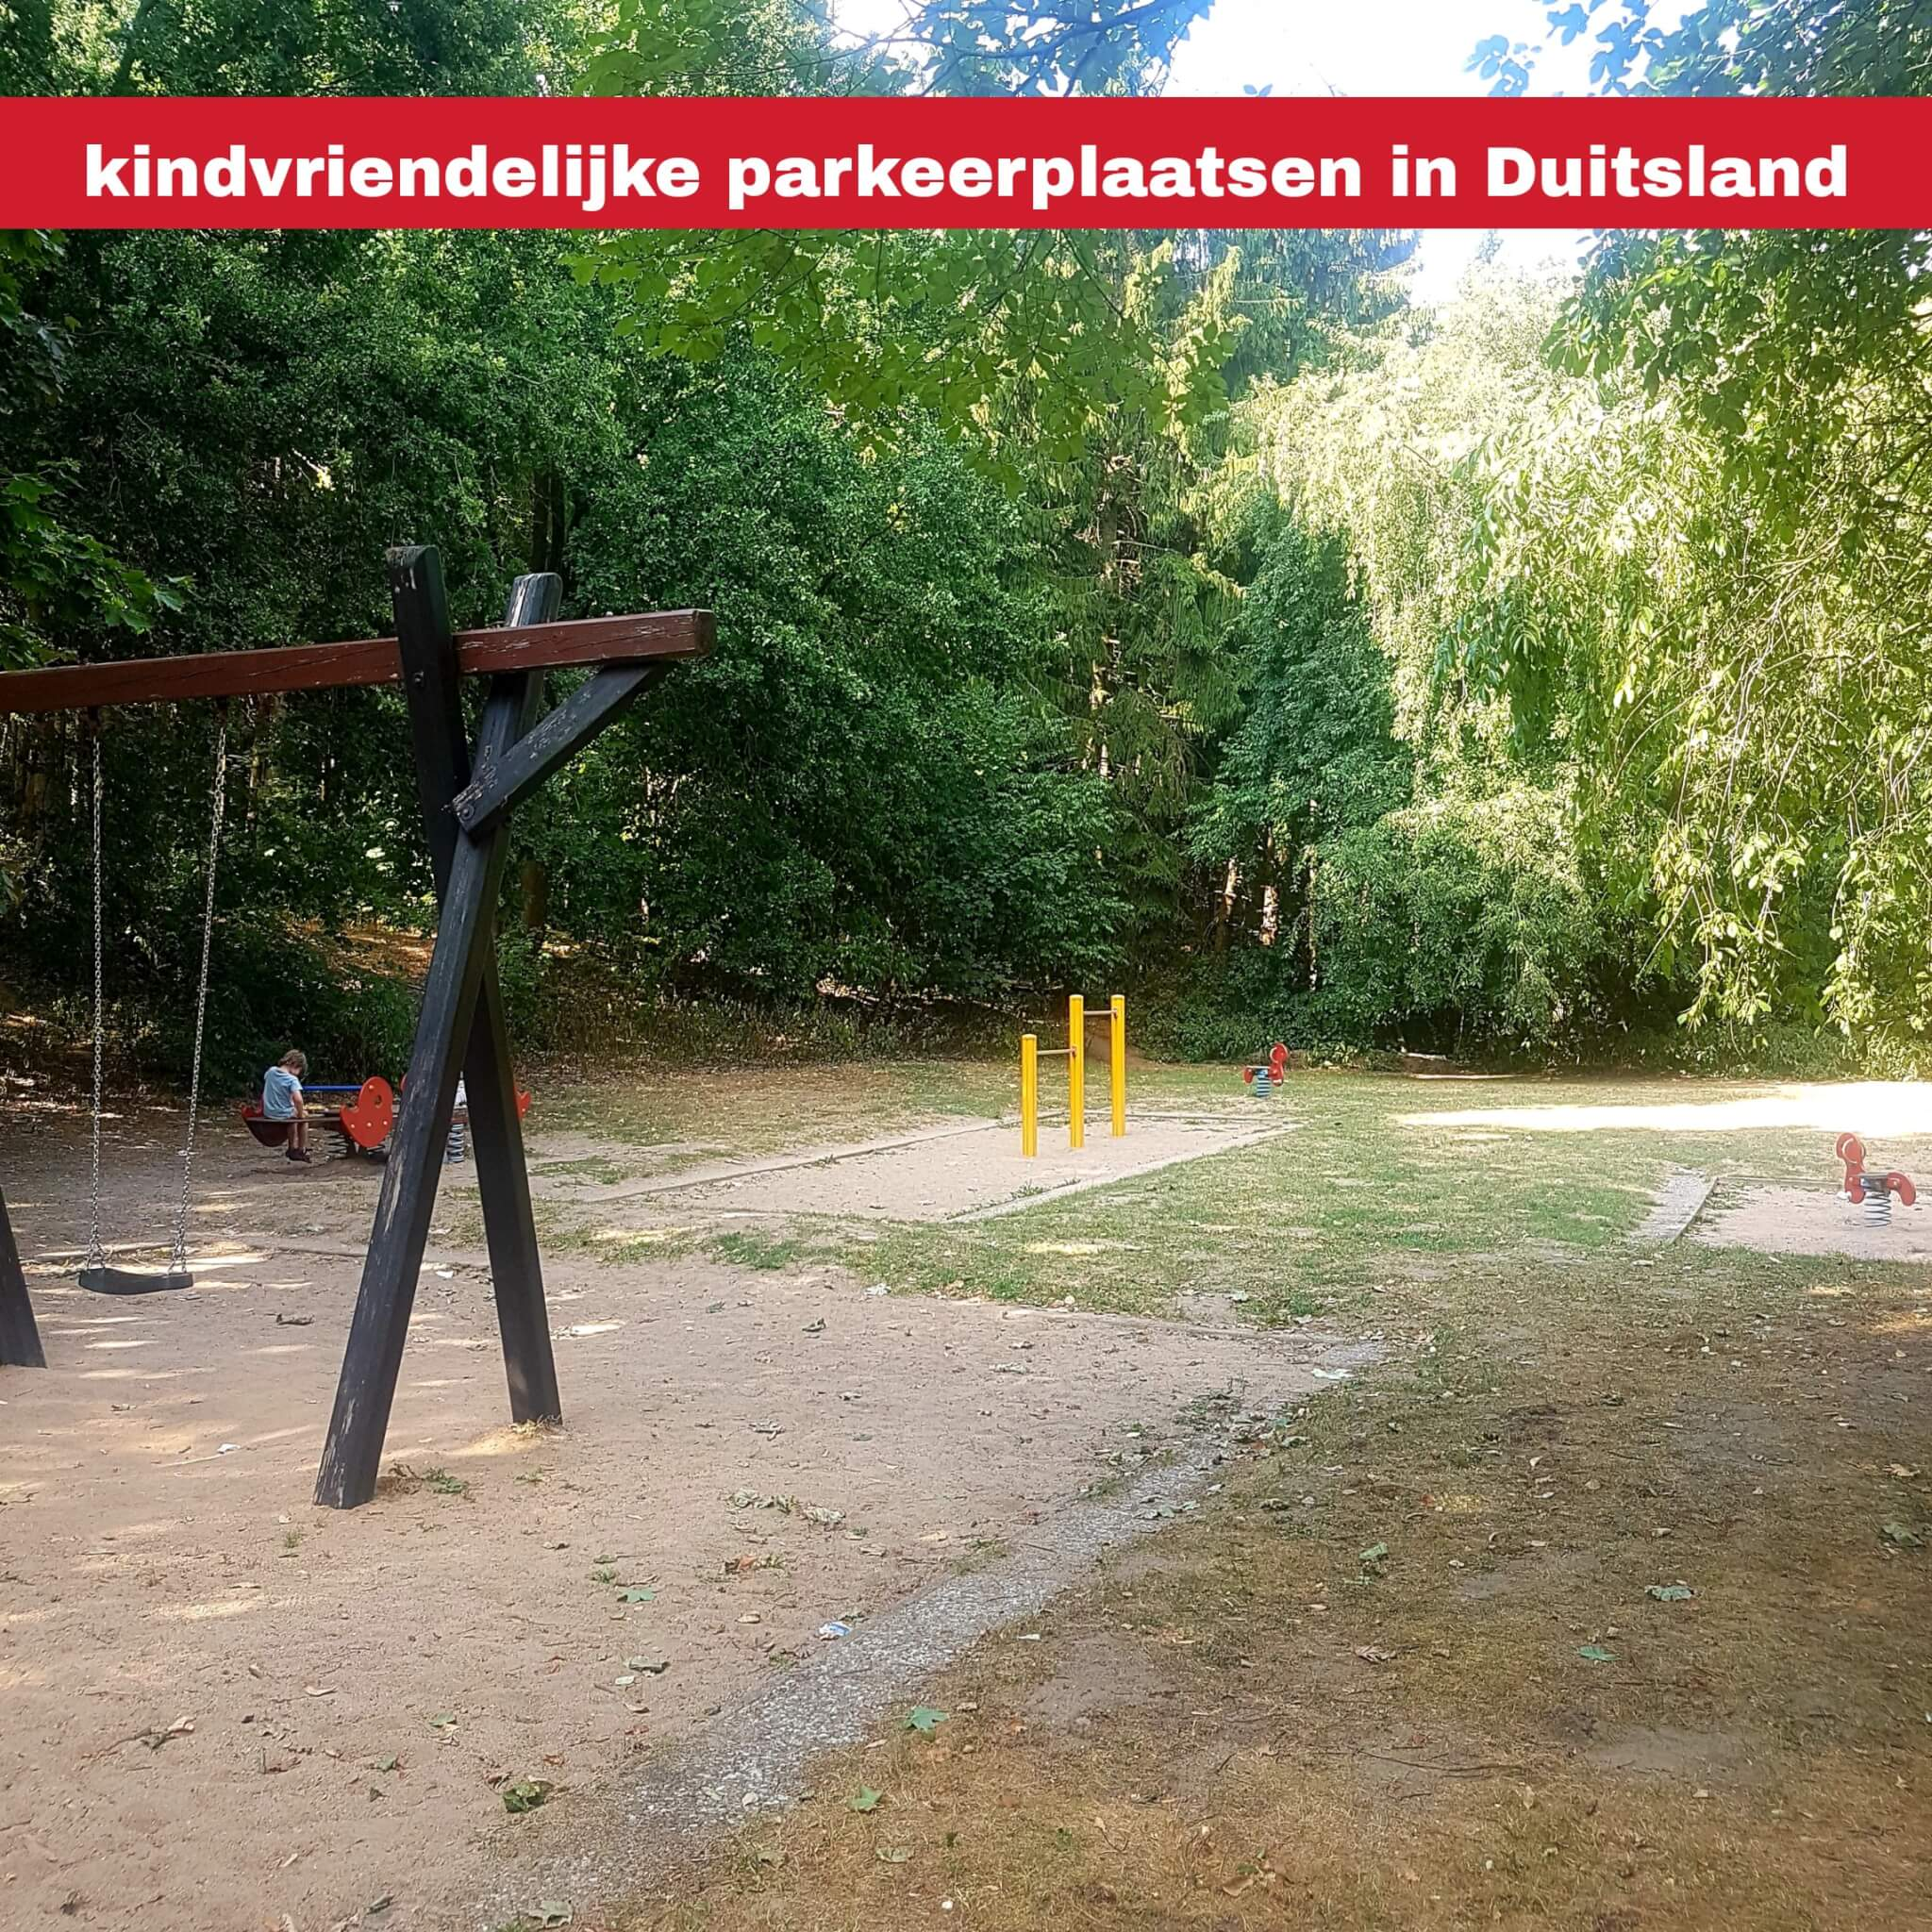 Kindvriendelijke parkeerplaatsen langs de snelweg in Duitsland, raststättes met speeltuin #leukmetkids